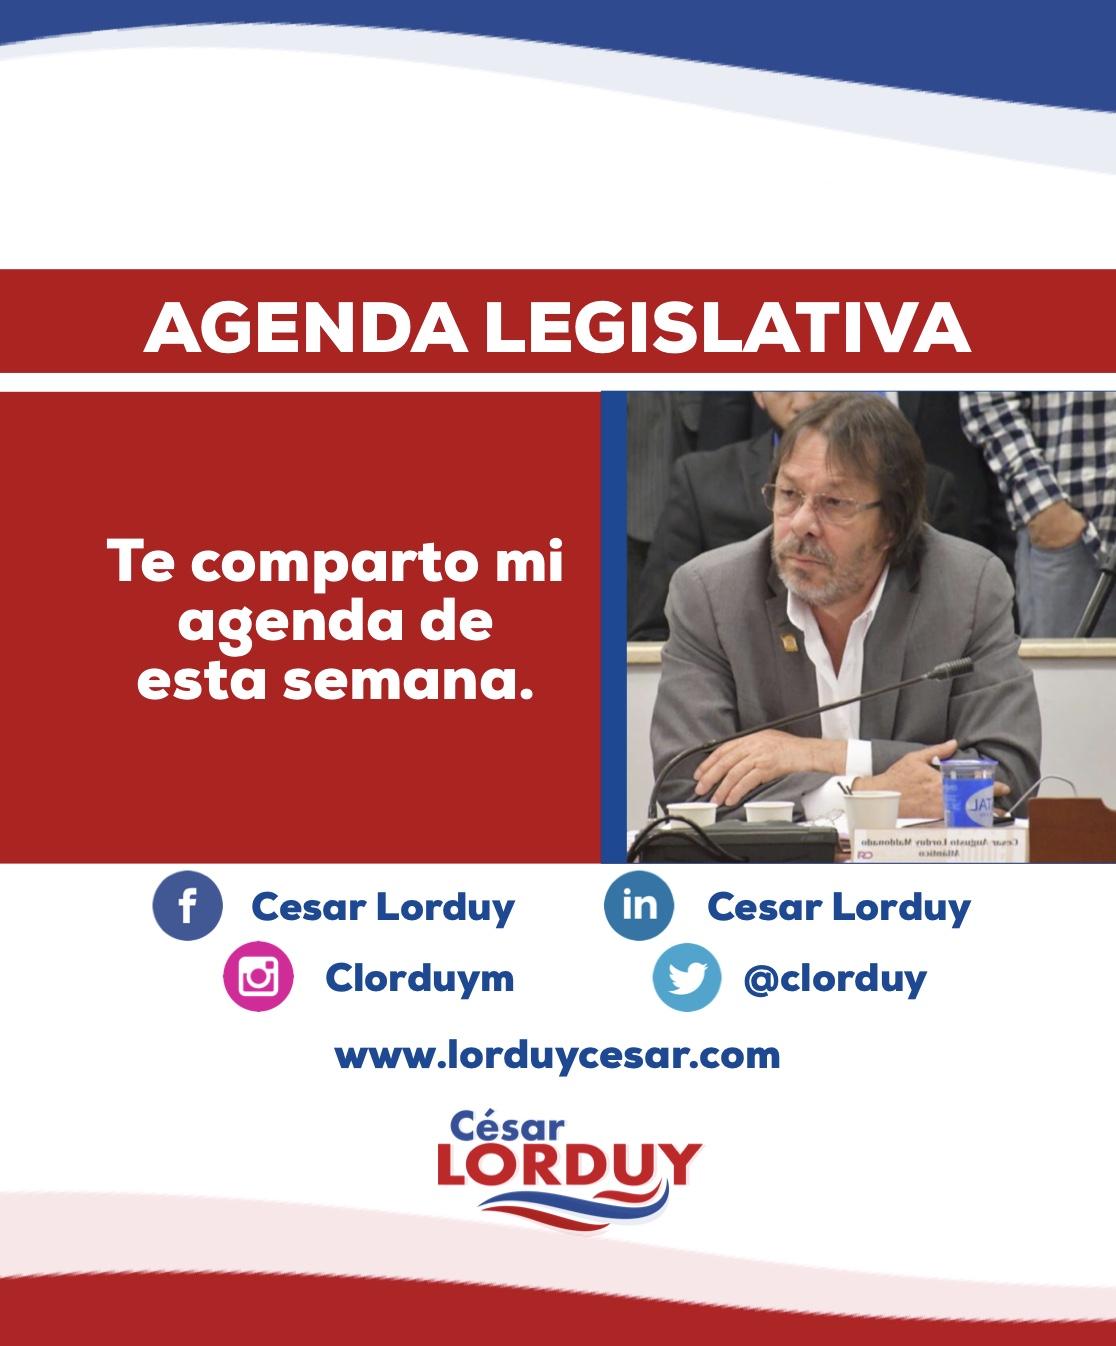 Cesar Lorduy comparte su agenda legislativa en la Cámara de Representantes del 6 al 10 de mayo 2